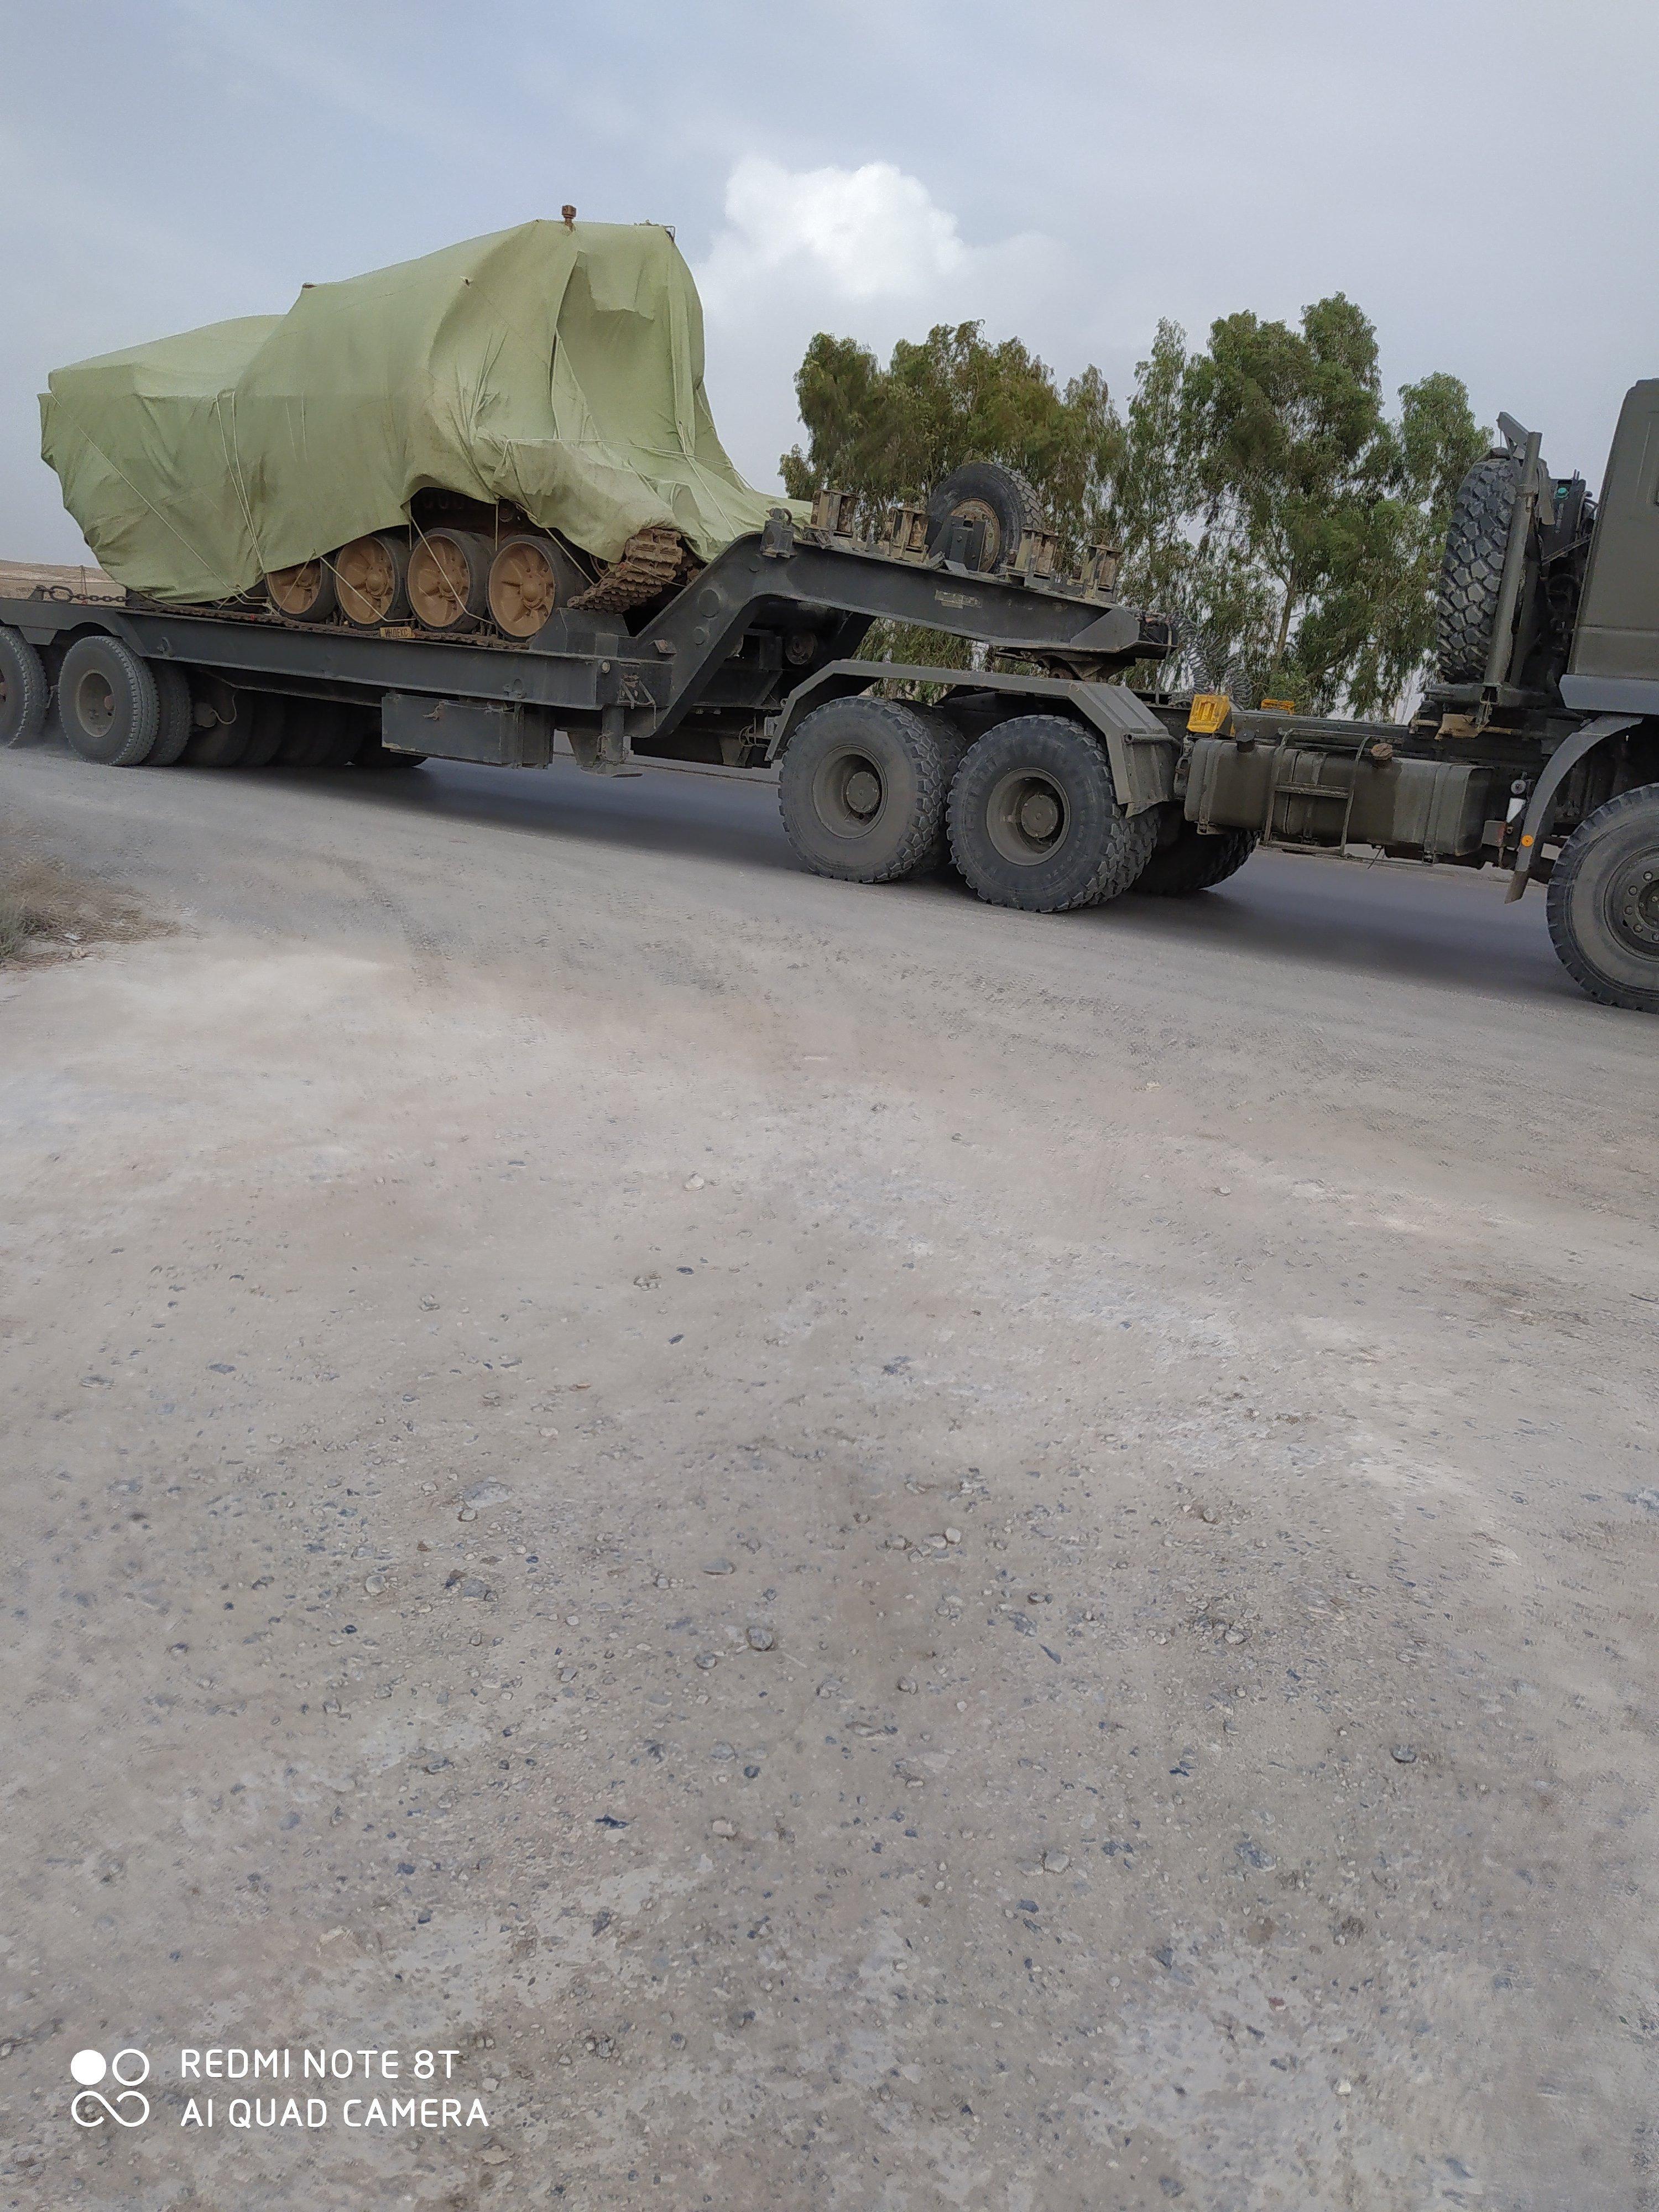 الجزائر سوف تتسلم BMPT Terminator 2 بداية من 2018  - صفحة 4 Ebr71P1X0AUp4vH?format=jpg&name=4096x4096